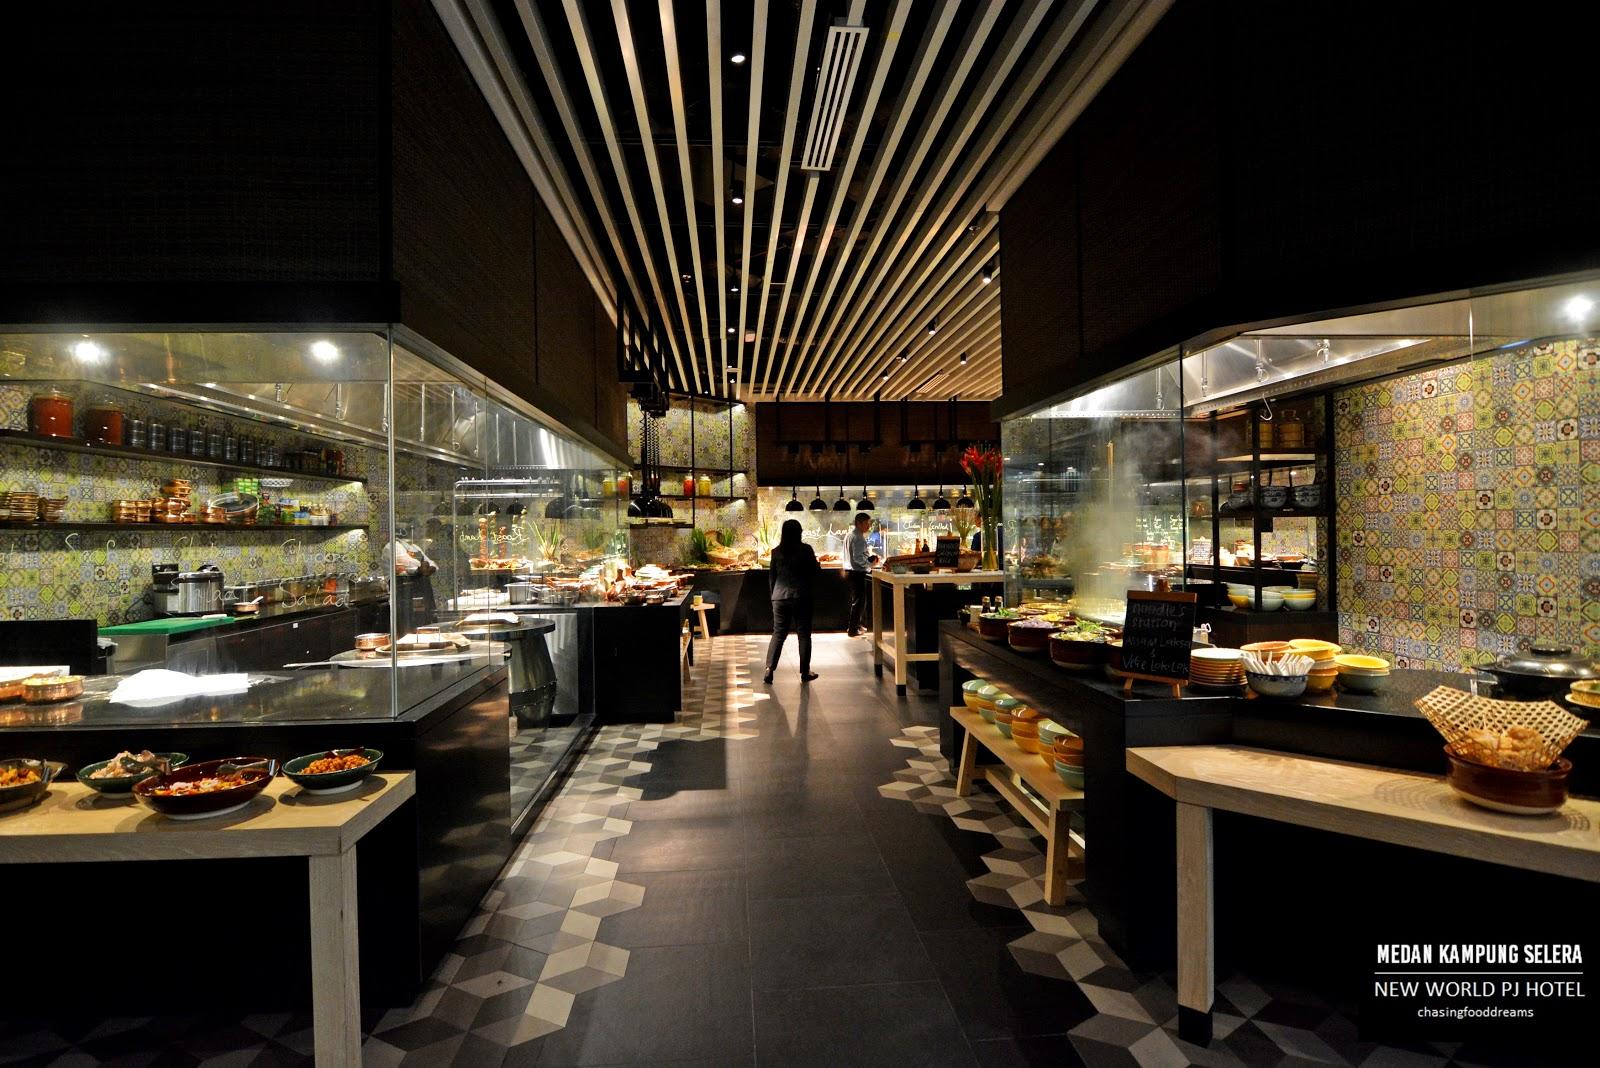 CHASING FOOD DREAMS Pasar Baru Buka Puasa Buffet  New